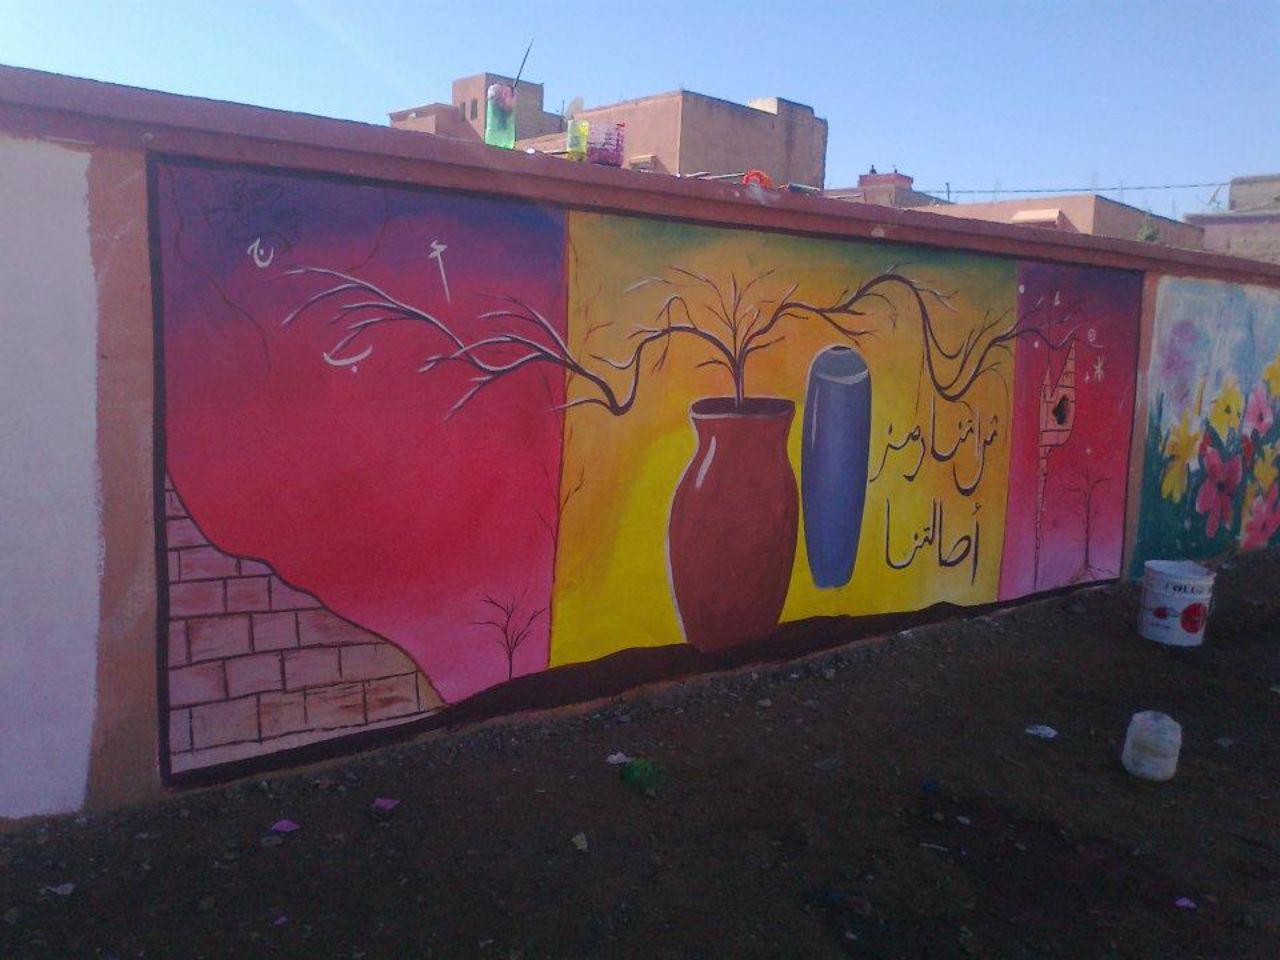 artiste peintre abdelhakim bahami 400017_350480021638329_100000290030758_1473067_292844522_n